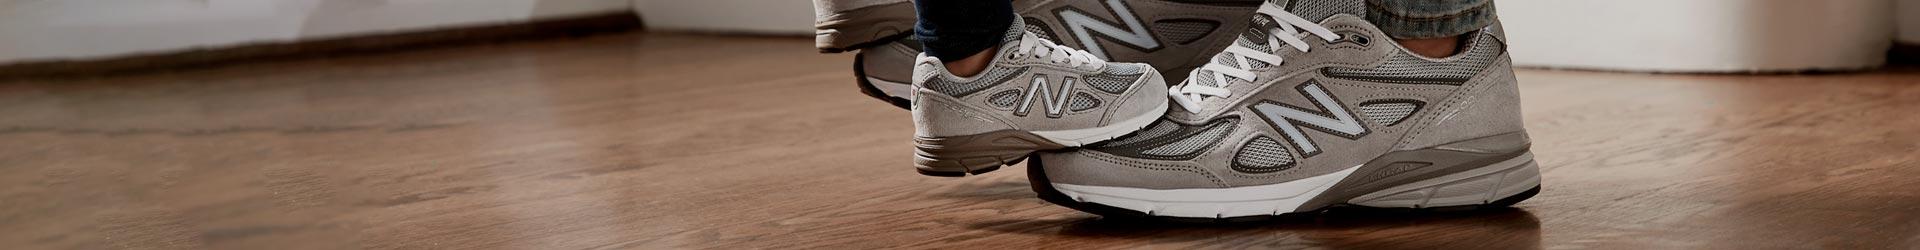 New Balance Dia del padre